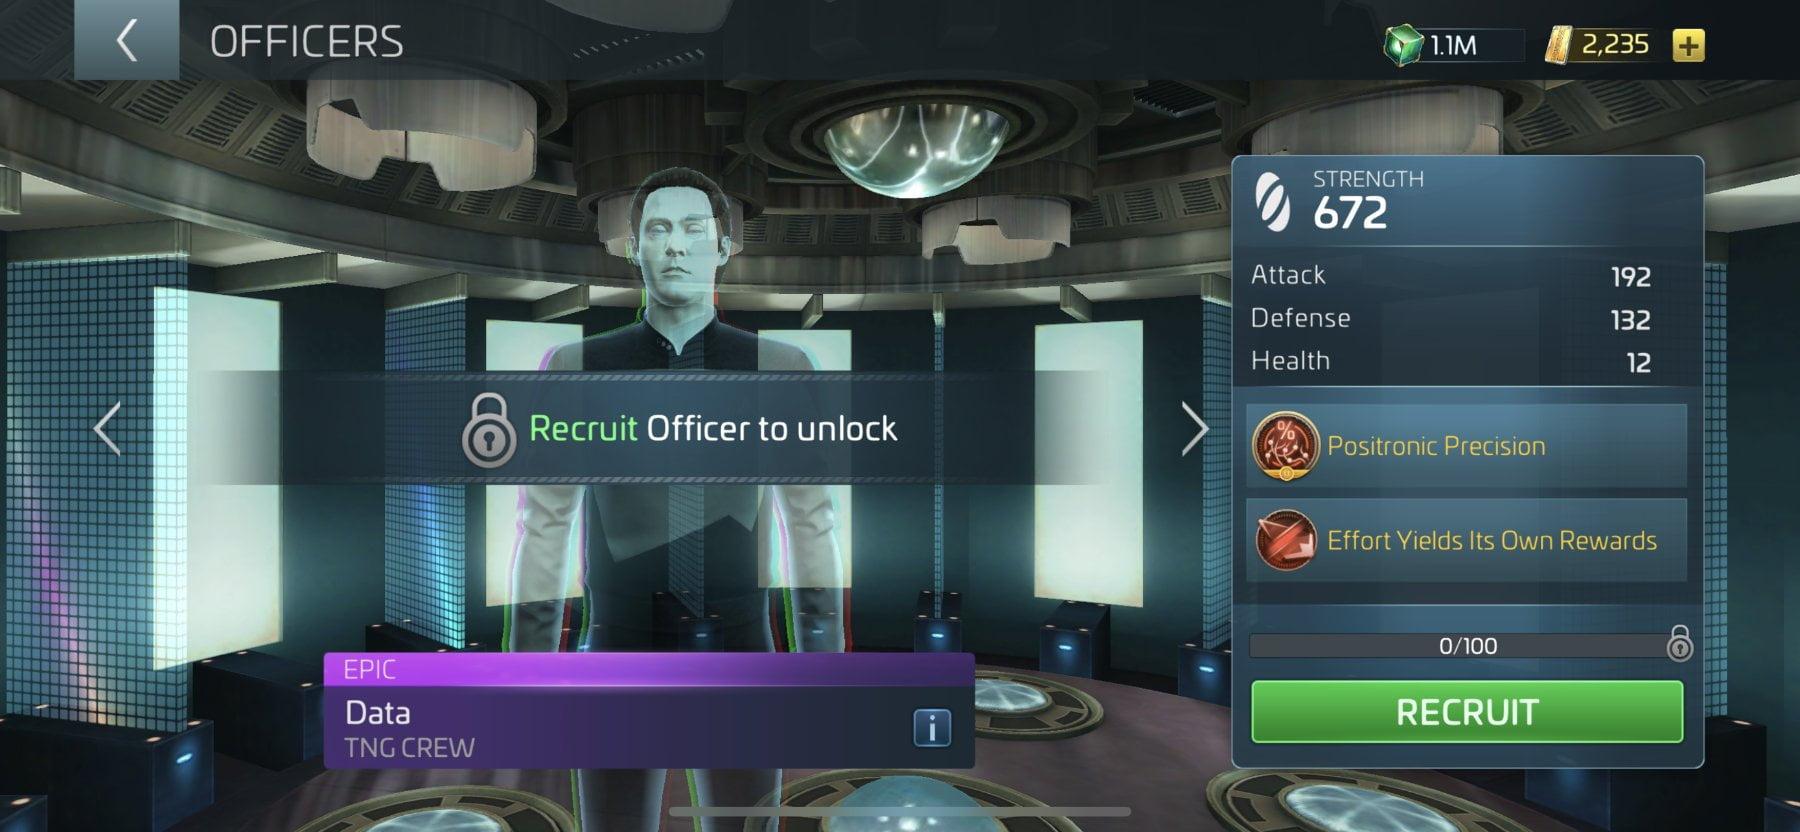 Star Trek Fleet Command Officer Data